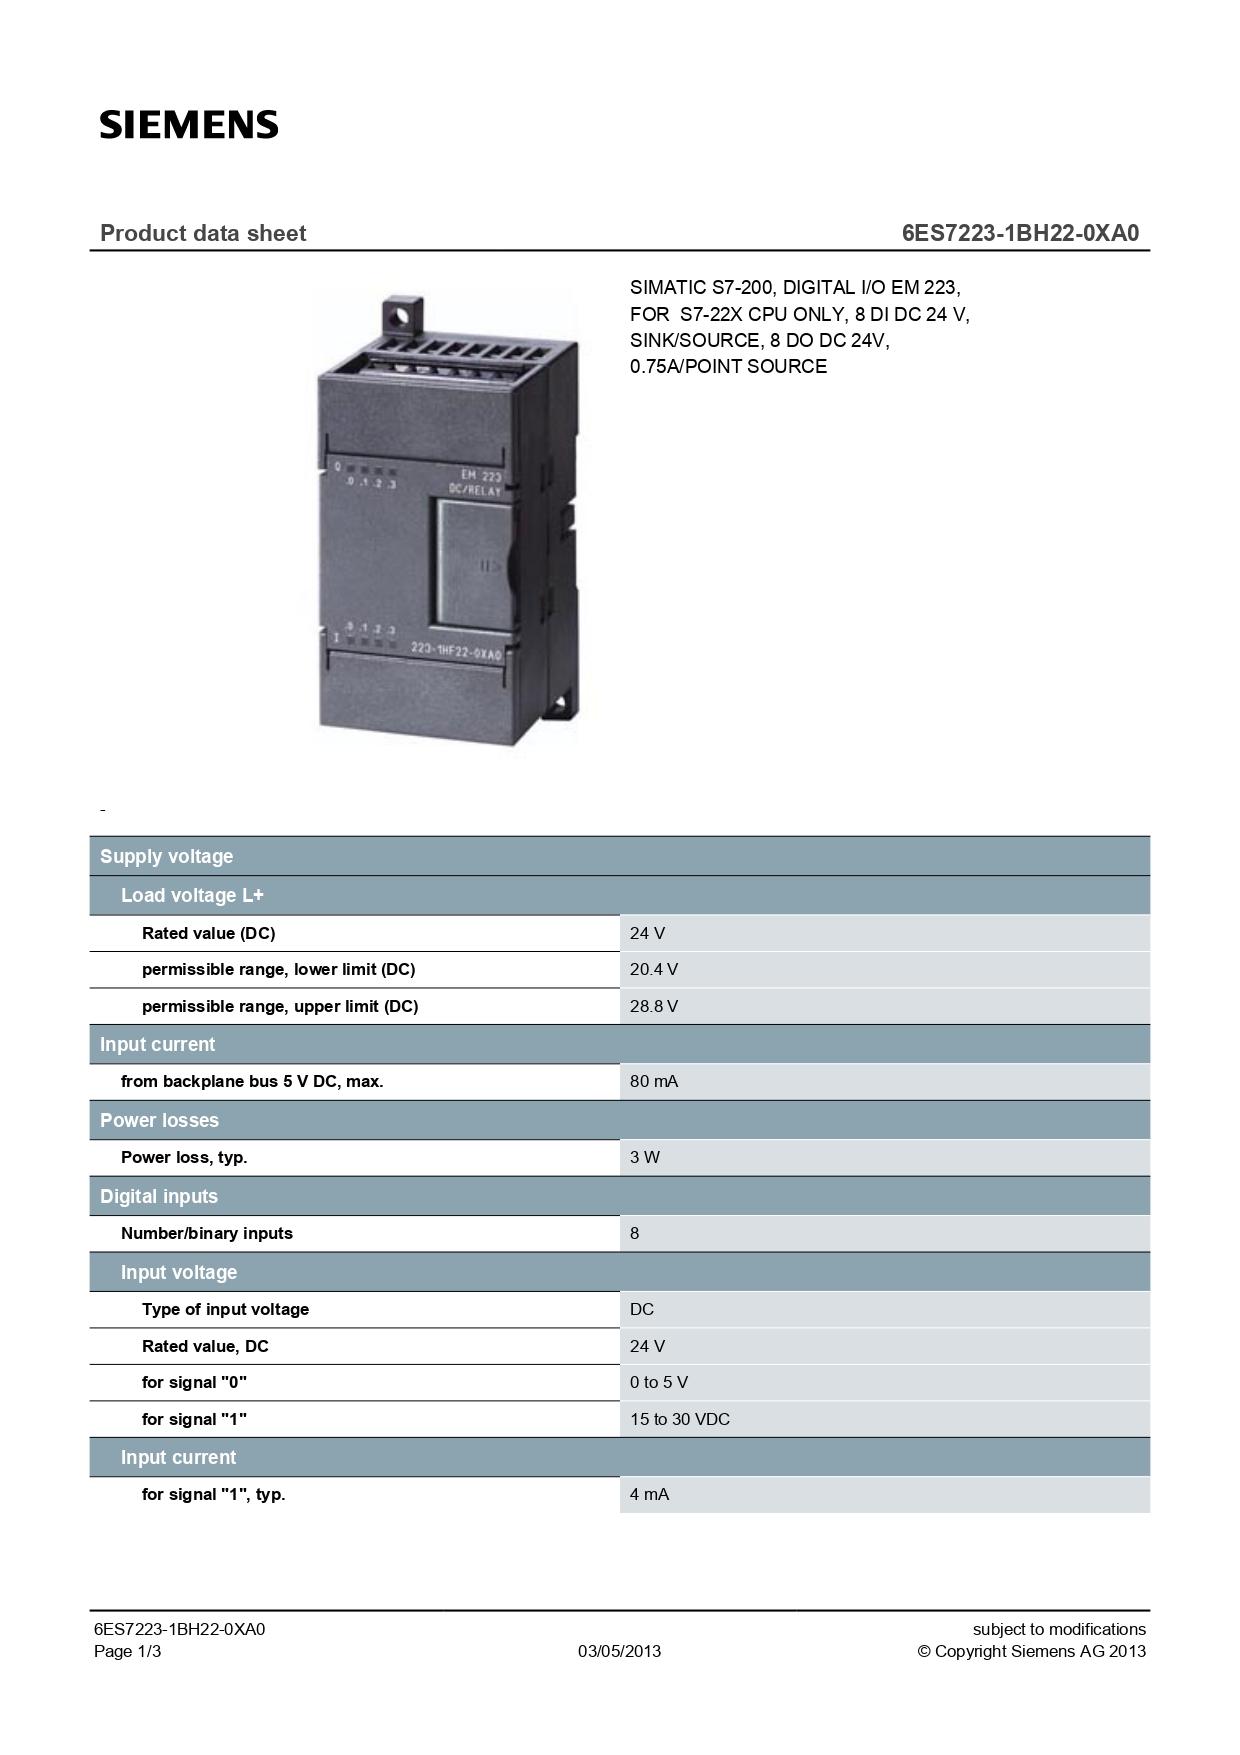 6ES7223-1BH22-0XA0-datasheet